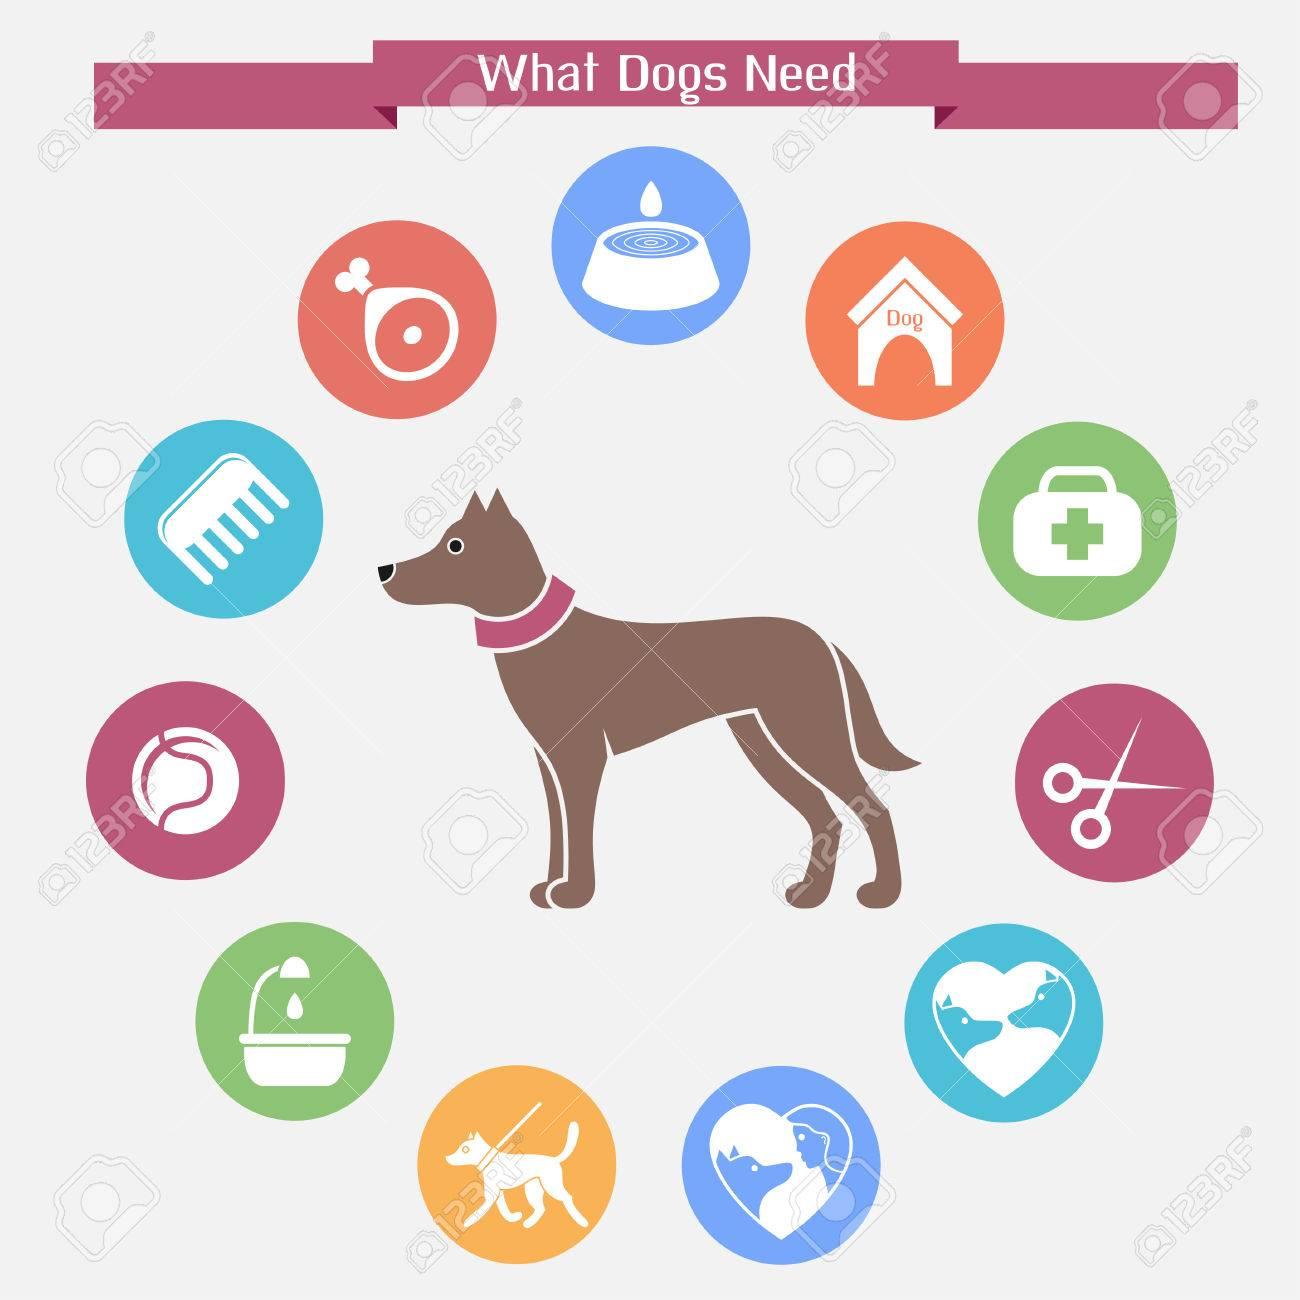 Dog infographics and icon set - 33353750